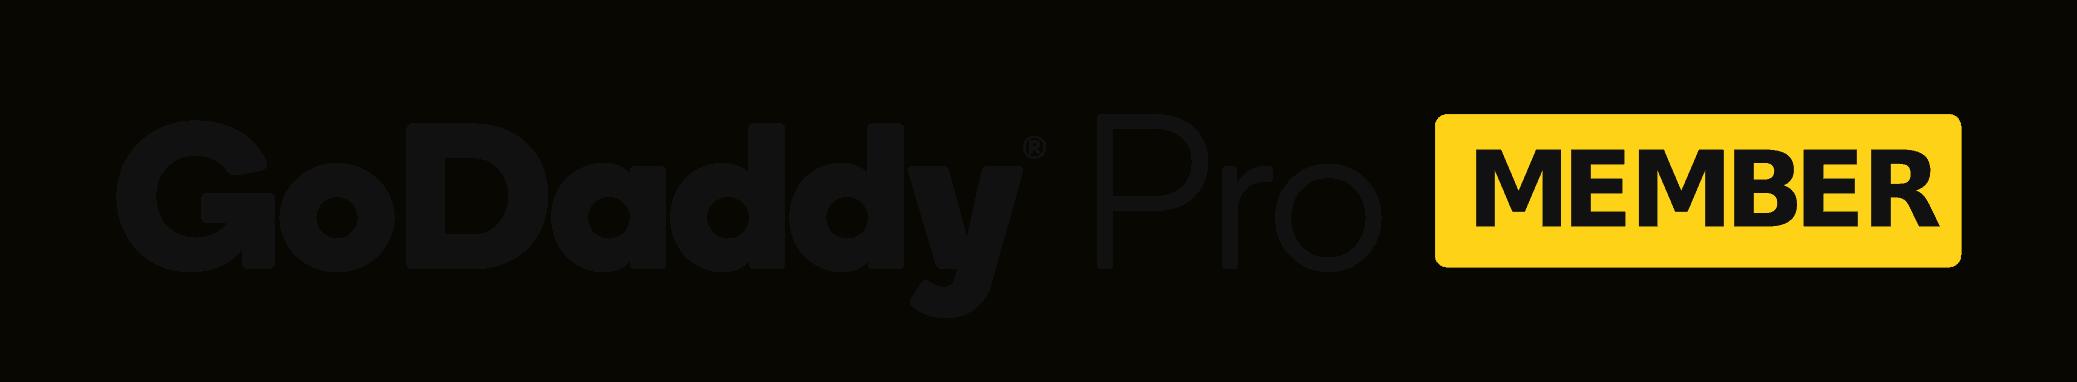 GoDaddy Pro Member Badge